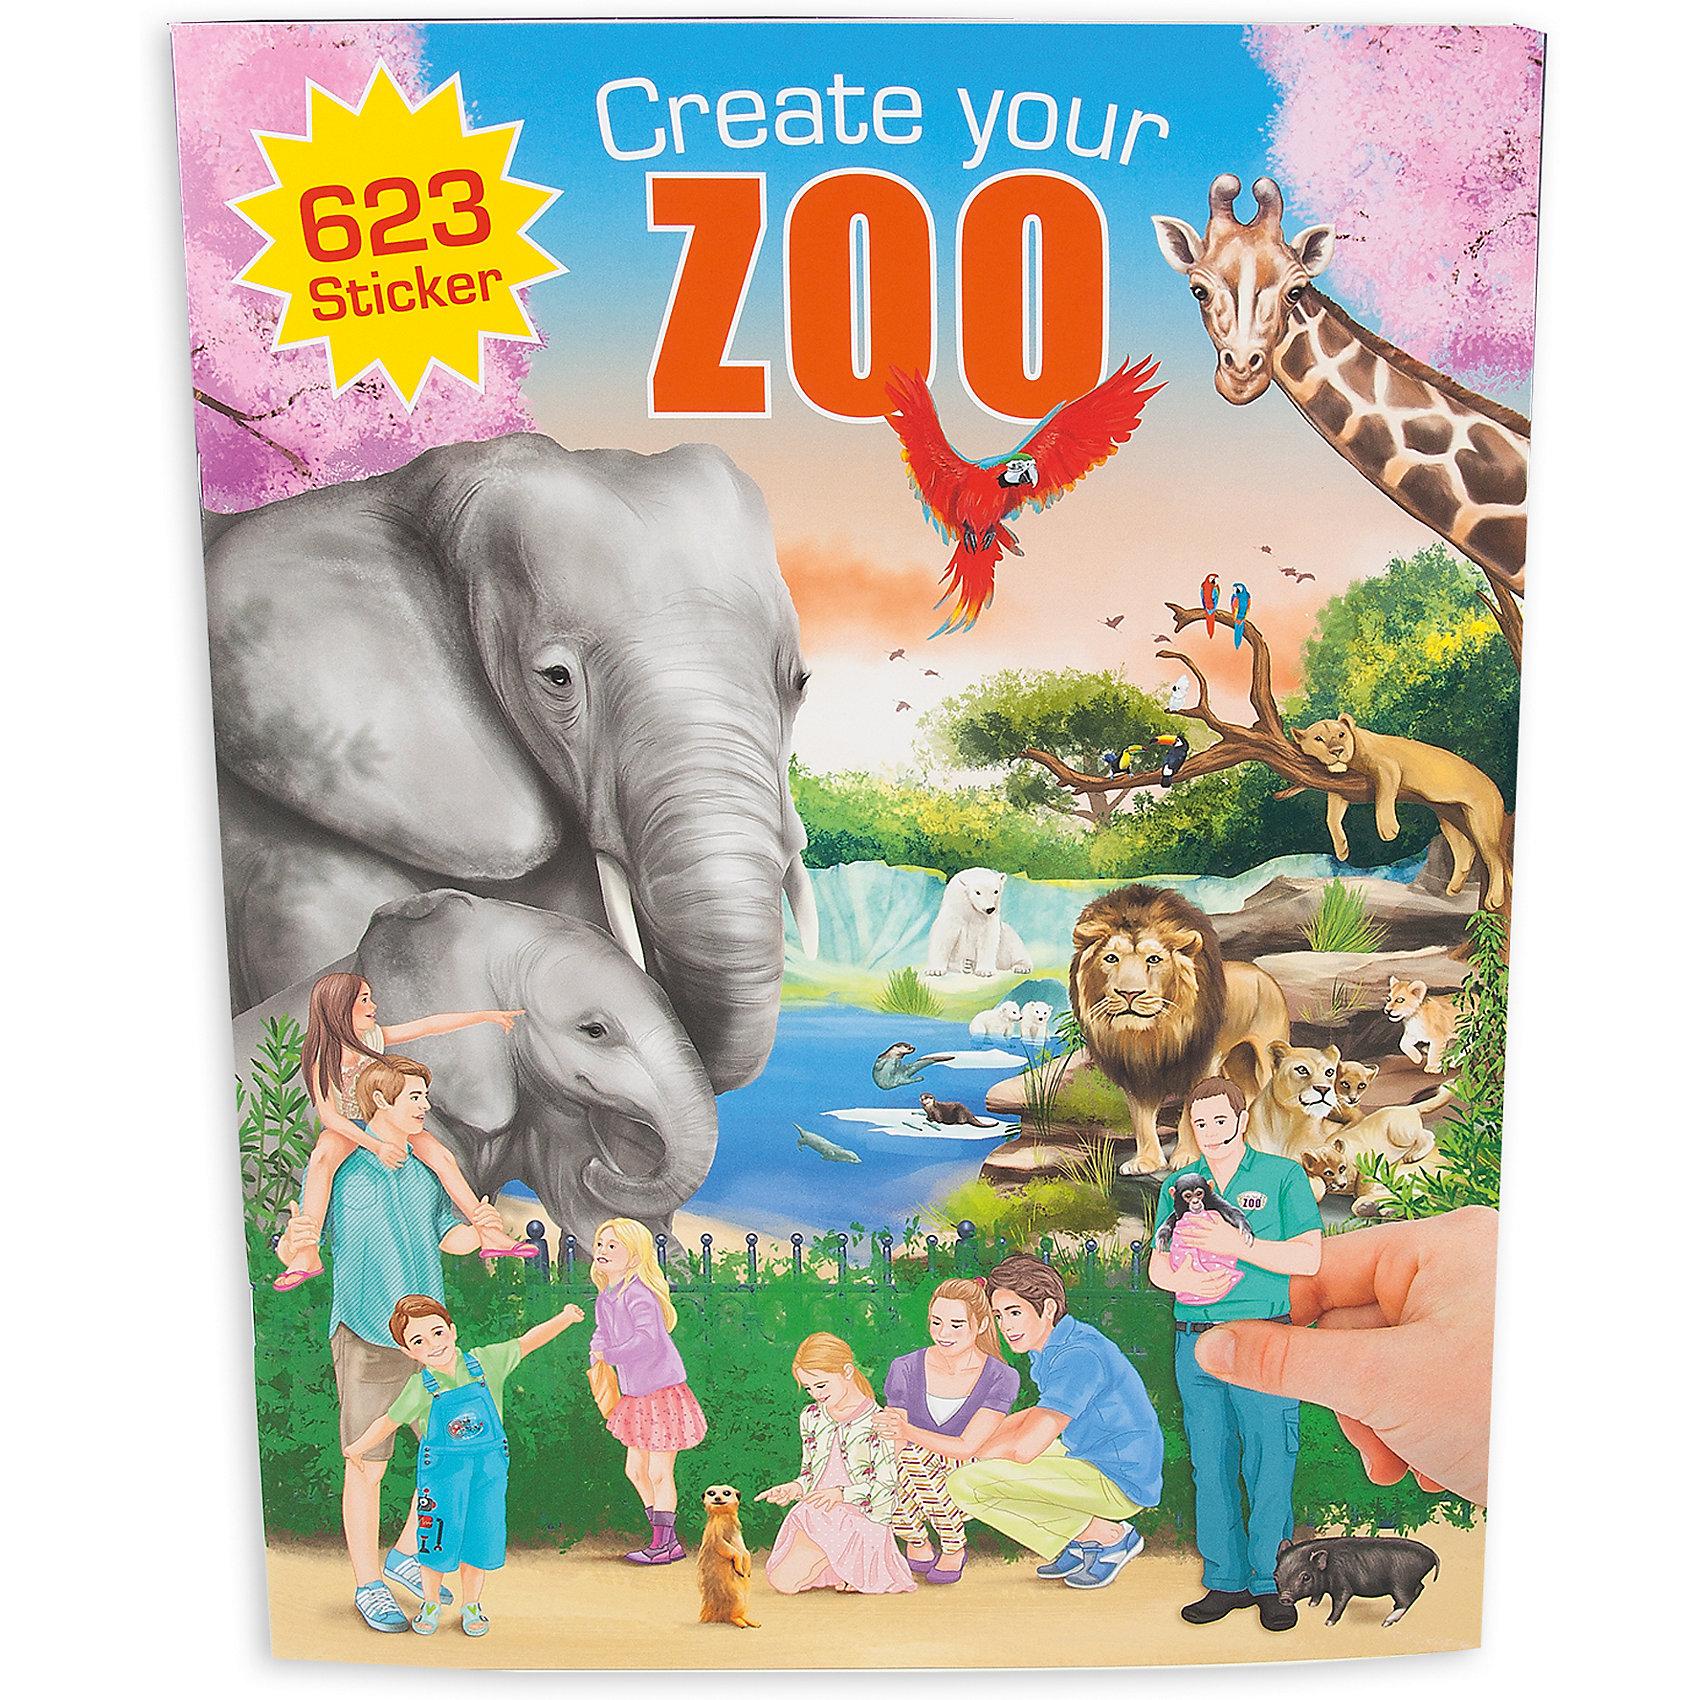 Альбом с наклейками Zoo, Creative StudioКниги для развития творческих навыков<br>Альбом с наклейками Zoo, Creative Studio<br><br>Характеристики:<br><br>• В комплекте: раскраска, 3 листа с наклейками (500 штук)<br>• Возраст: от 3 до 6 лет<br>• Количество страниц: 20<br><br>Этот альбом из серии CreativeStudio содержит 20 листов с различными сюжетами из зоопарка, где живут многочисленные виды животных. На 3 листах с наклейками ребенок обнаружит вещи, которые помогут сделать этот мир реалистичным и разнообразить игру. Эта книга помогает развитию воображения вашего ребенка и его мелкой моторики. <br><br>Альбом с наклейками Zoo, Creative Studio можно купить в нашем интернет-магазине.<br><br>Ширина мм: 336<br>Глубина мм: 253<br>Высота мм: 17<br>Вес г: 277<br>Возраст от месяцев: 60<br>Возраст до месяцев: 96<br>Пол: Унисекс<br>Возраст: Детский<br>SKU: 4026809